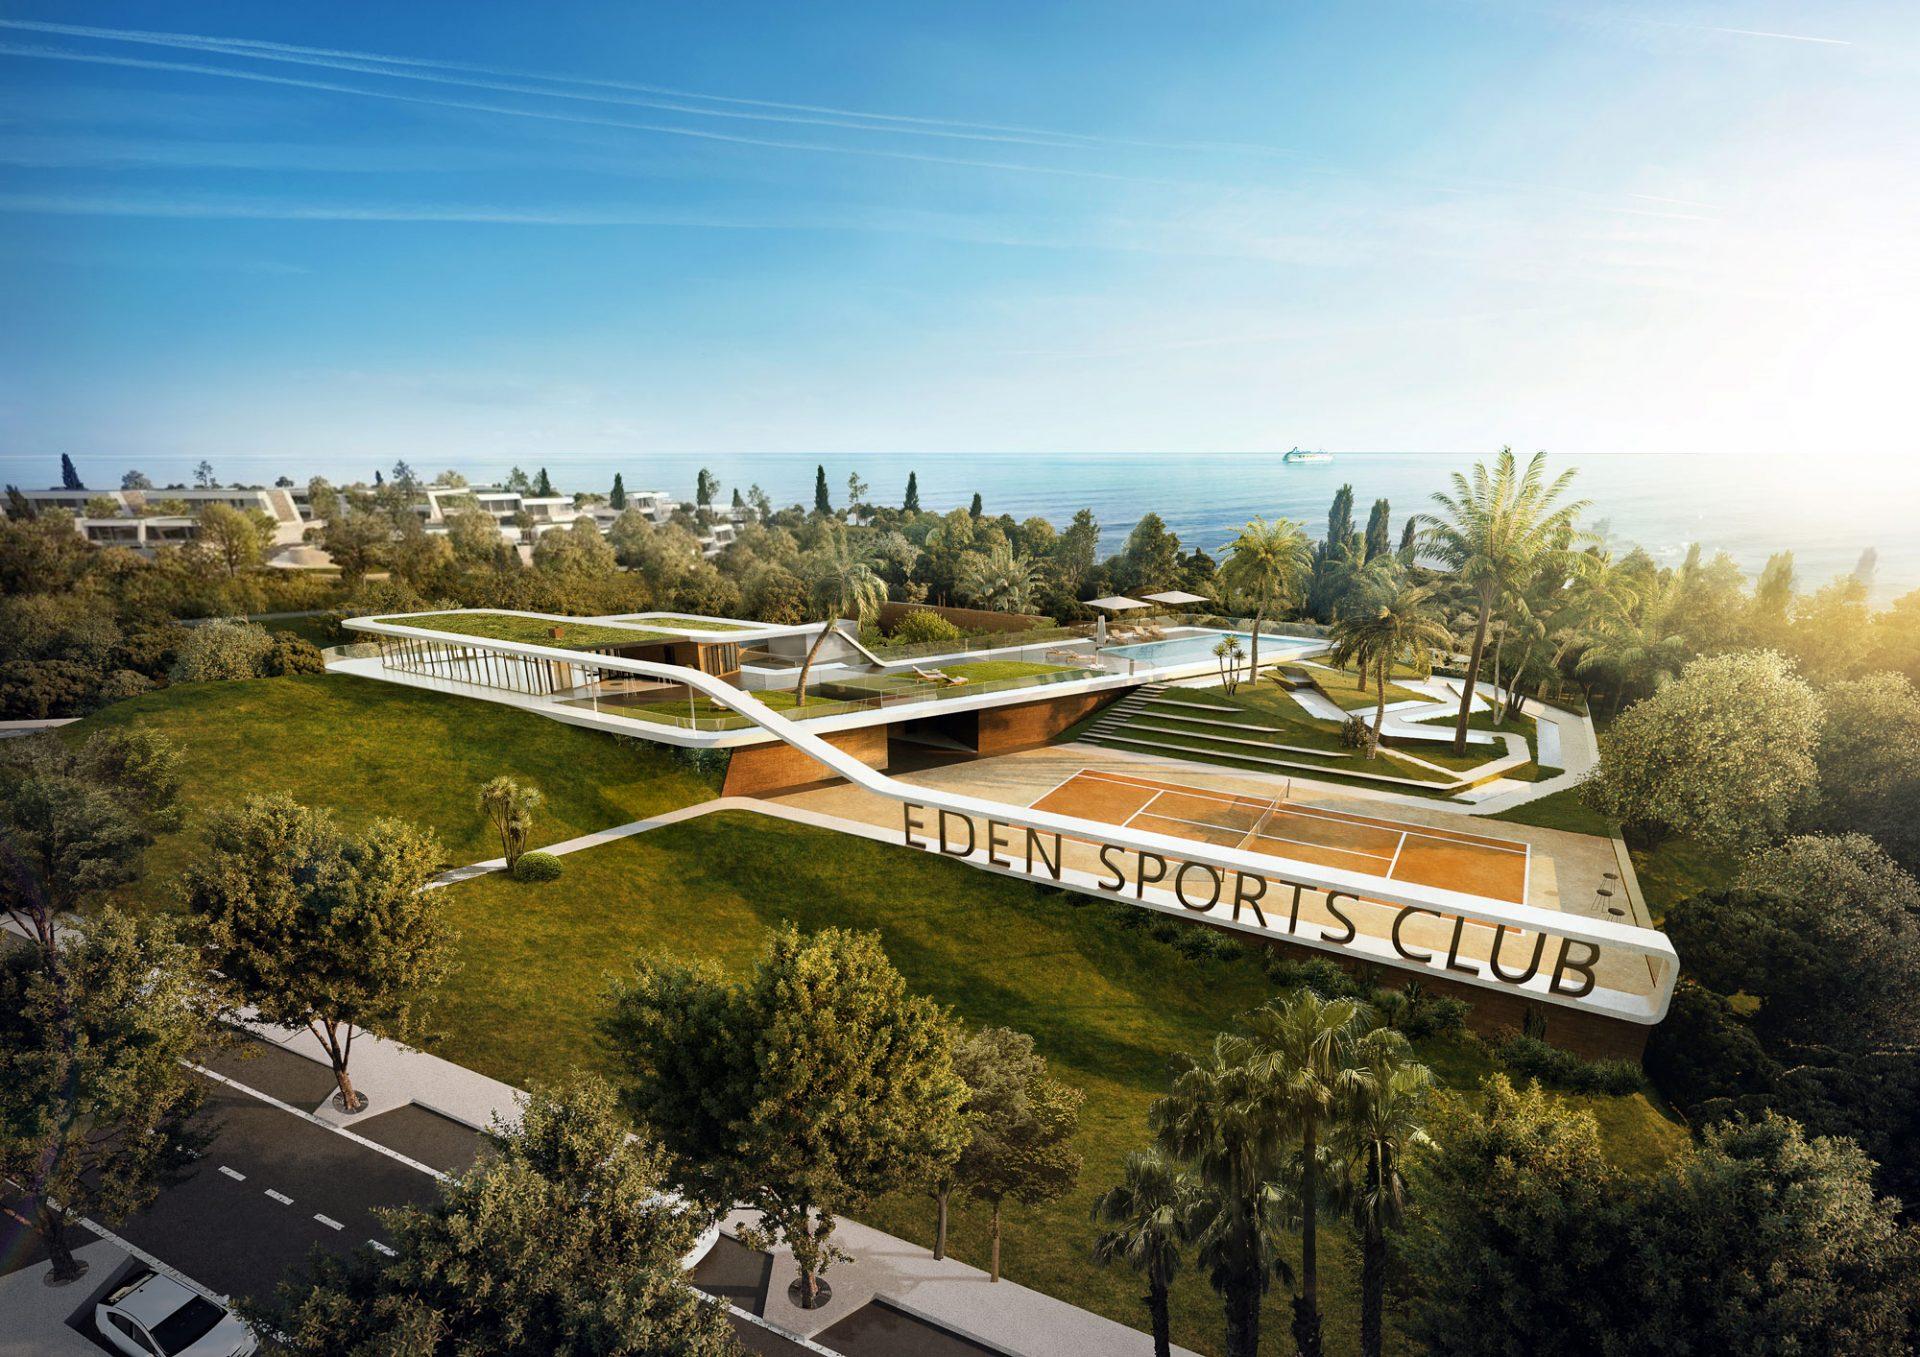 sport_center.jpg